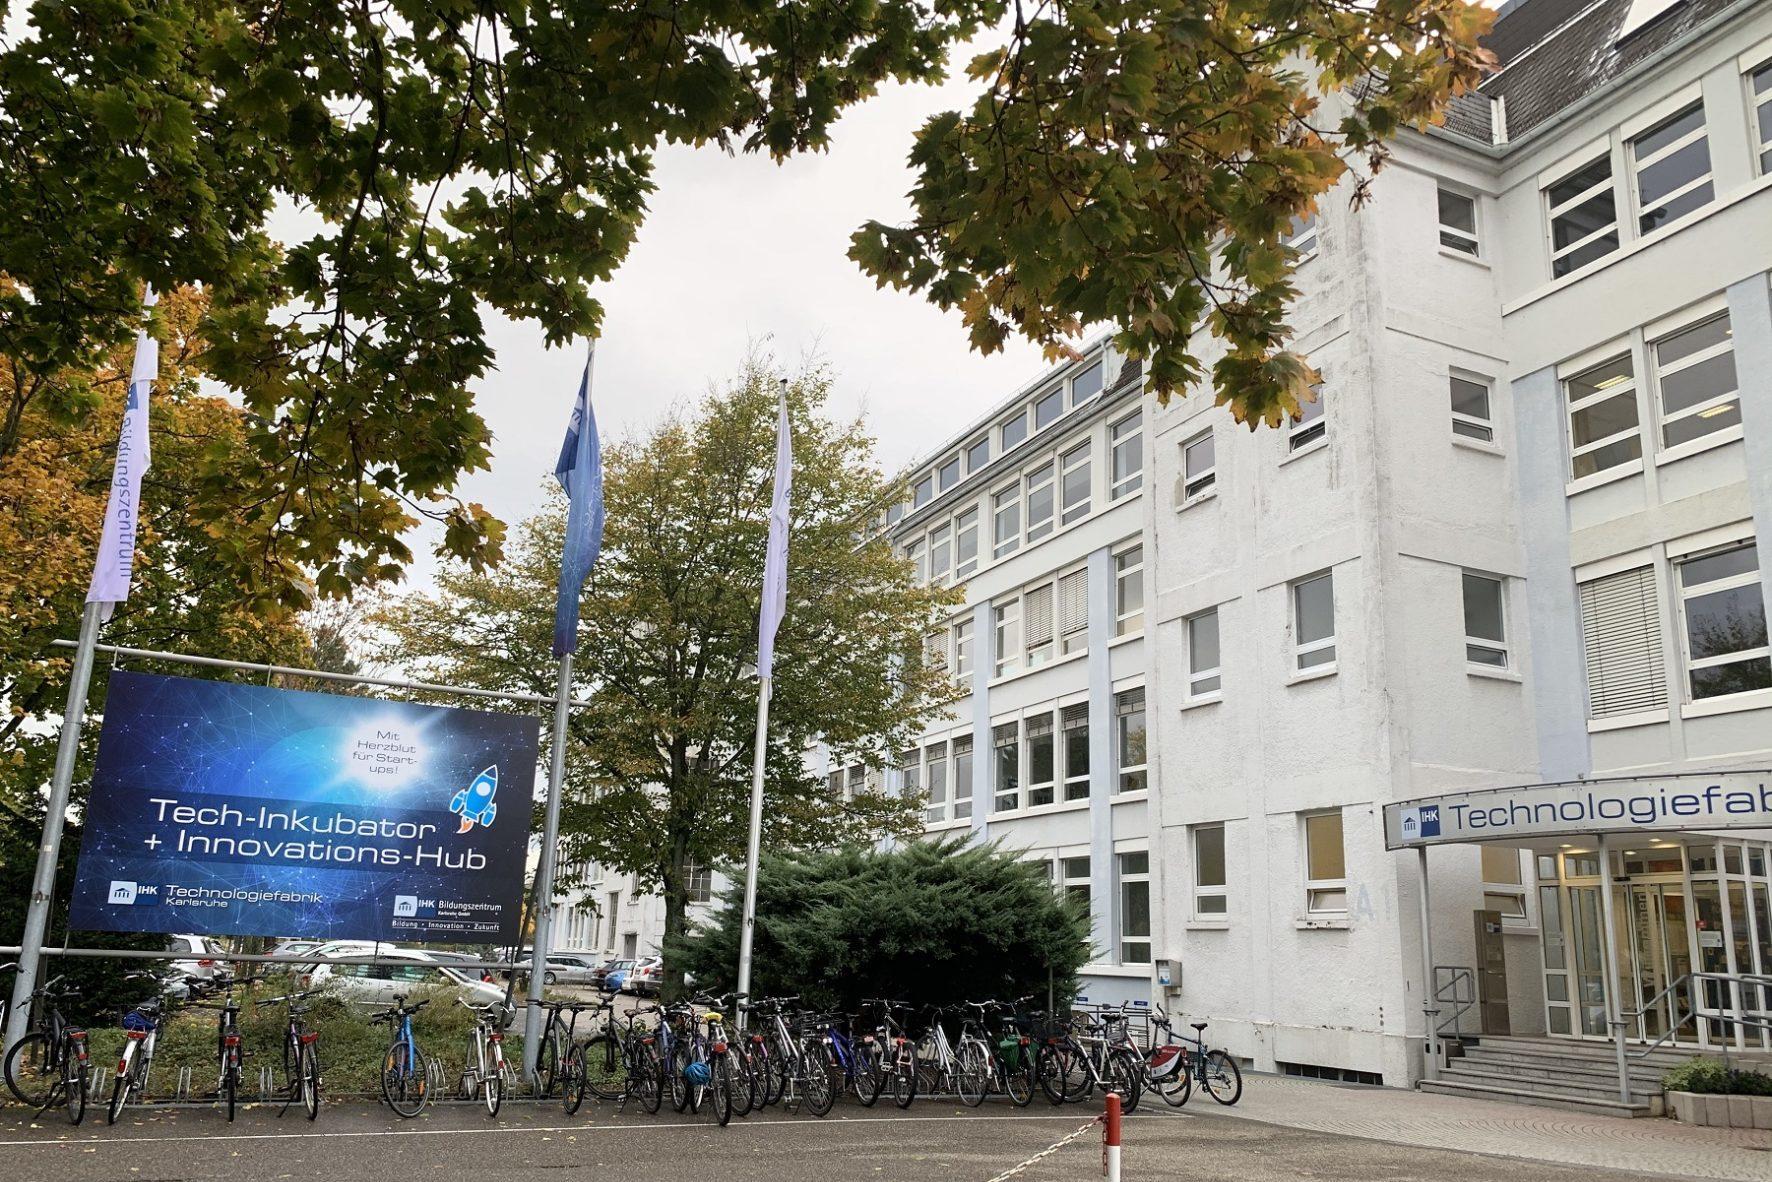 Büro in Karlsruhe eröffnet